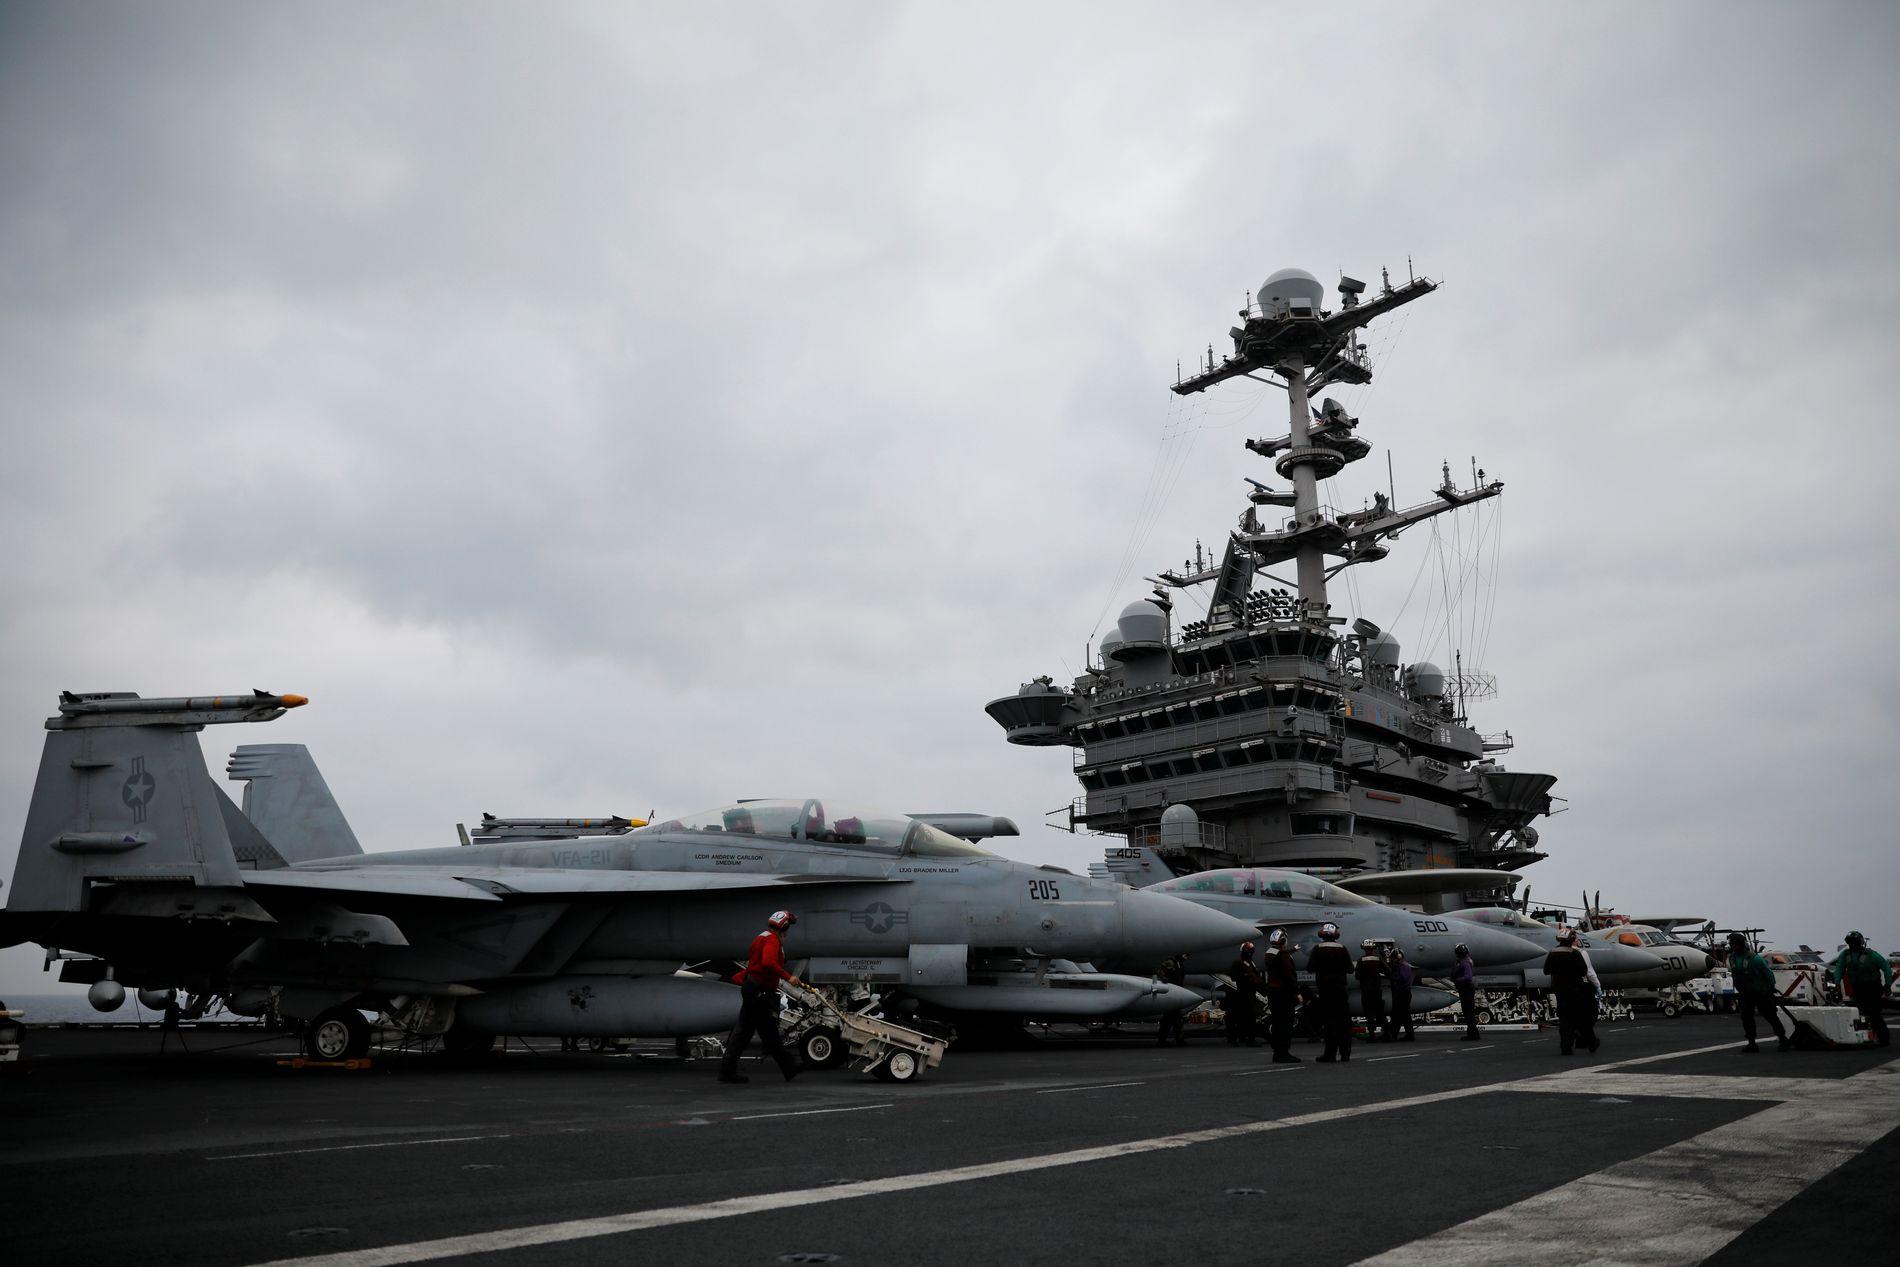 SEILER MOT NORGE: Det amerikanske hangarskipet USS Harry S Truman blir en del av øvelsen Trident Juncture i Norge senere i oktober.